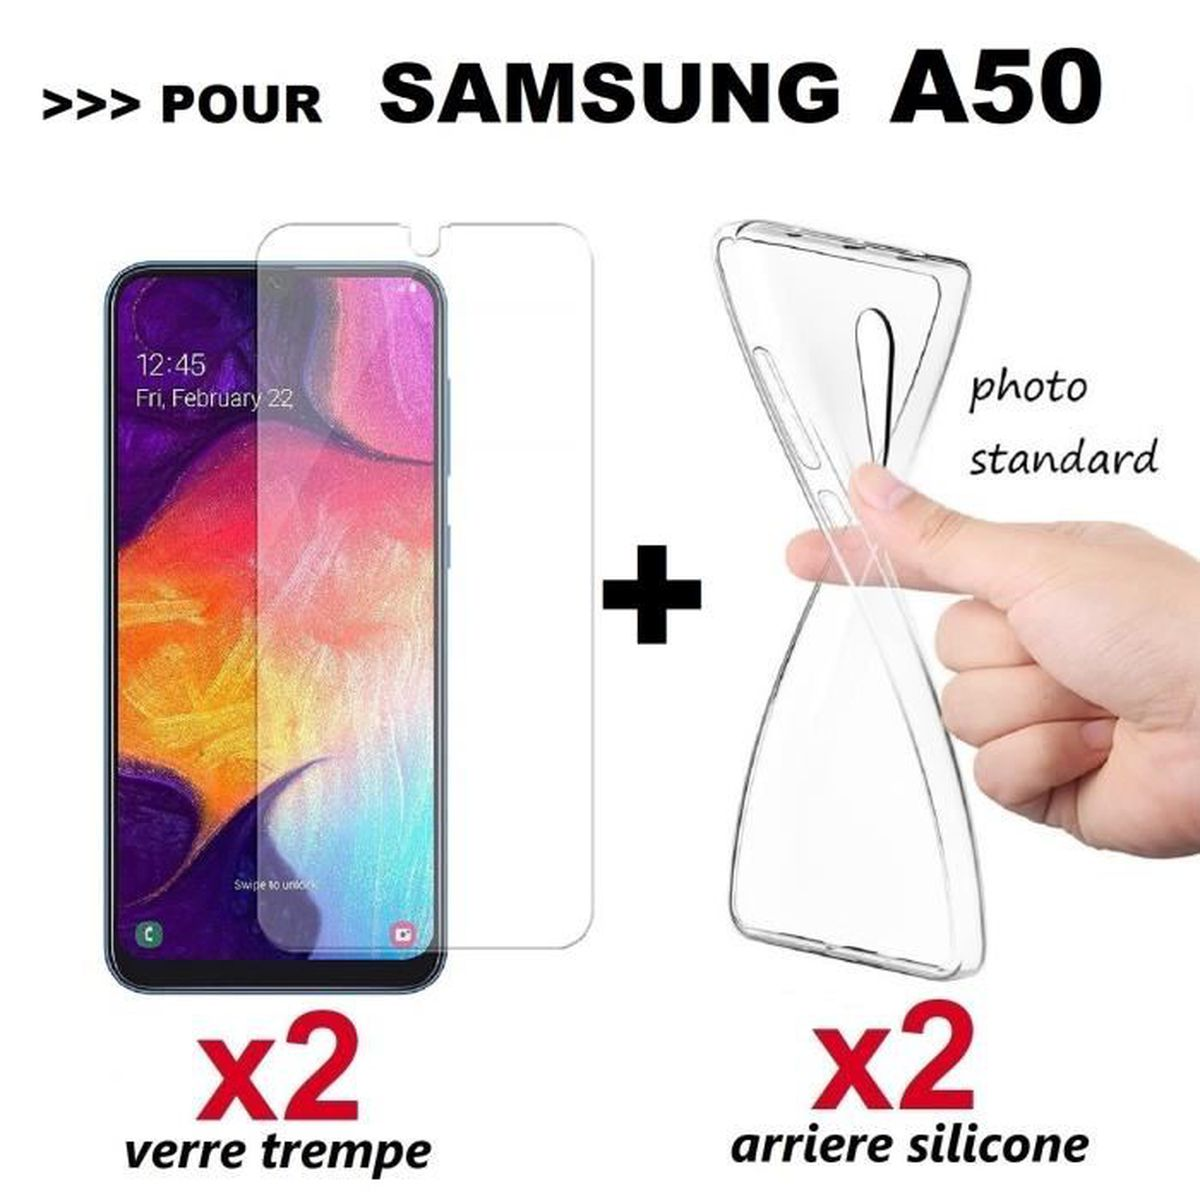 coque en silicone samsung a50 2019